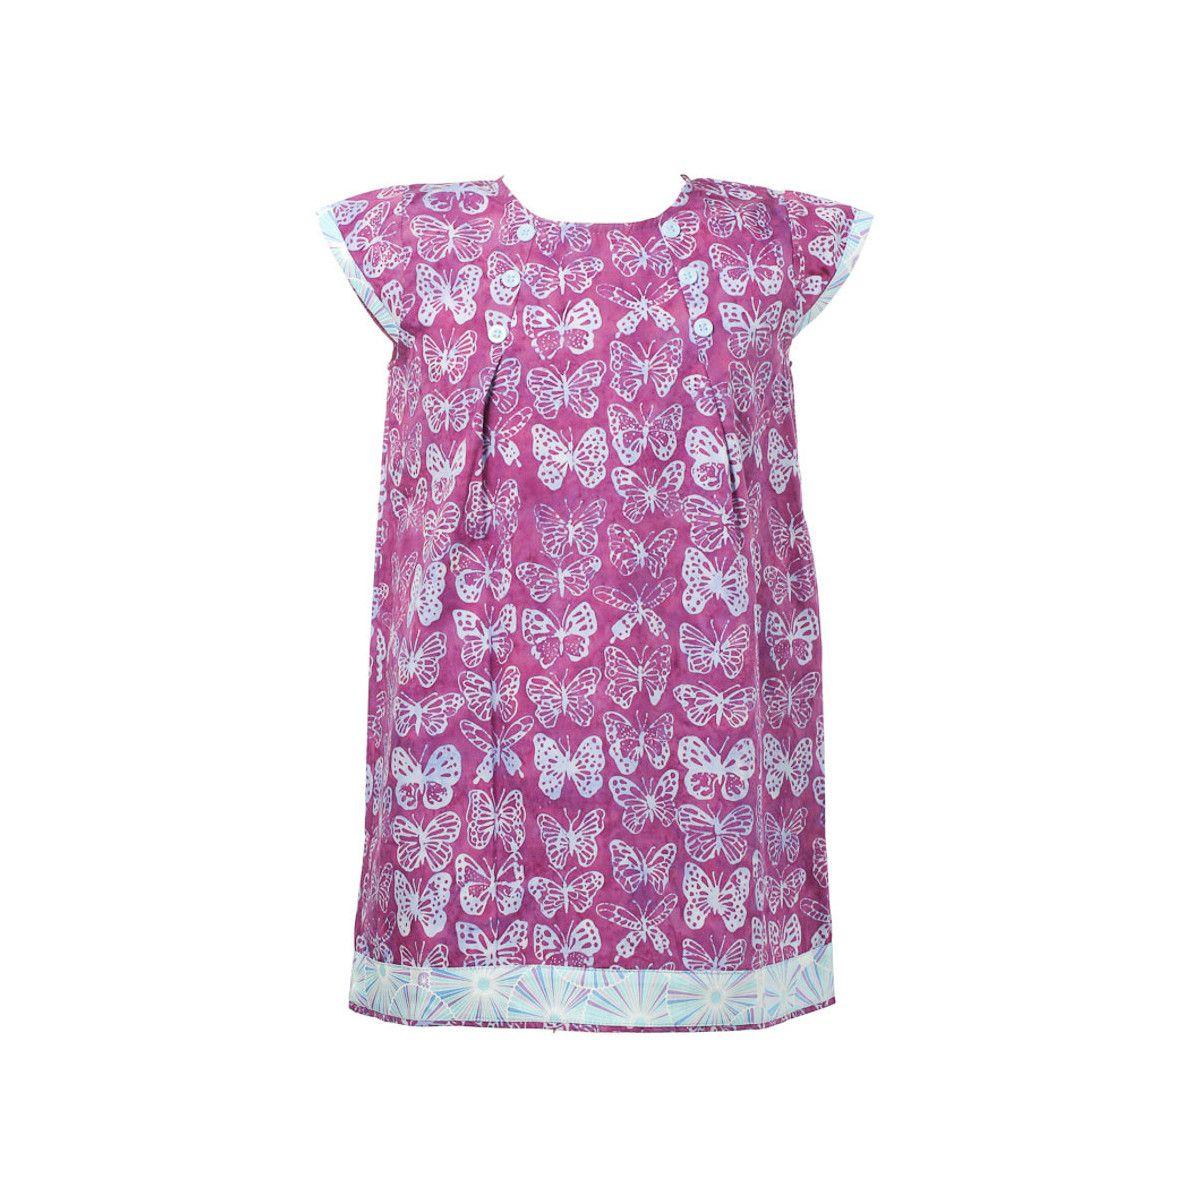 Robe manches courtes coton fille 2-10 ans papillons violets